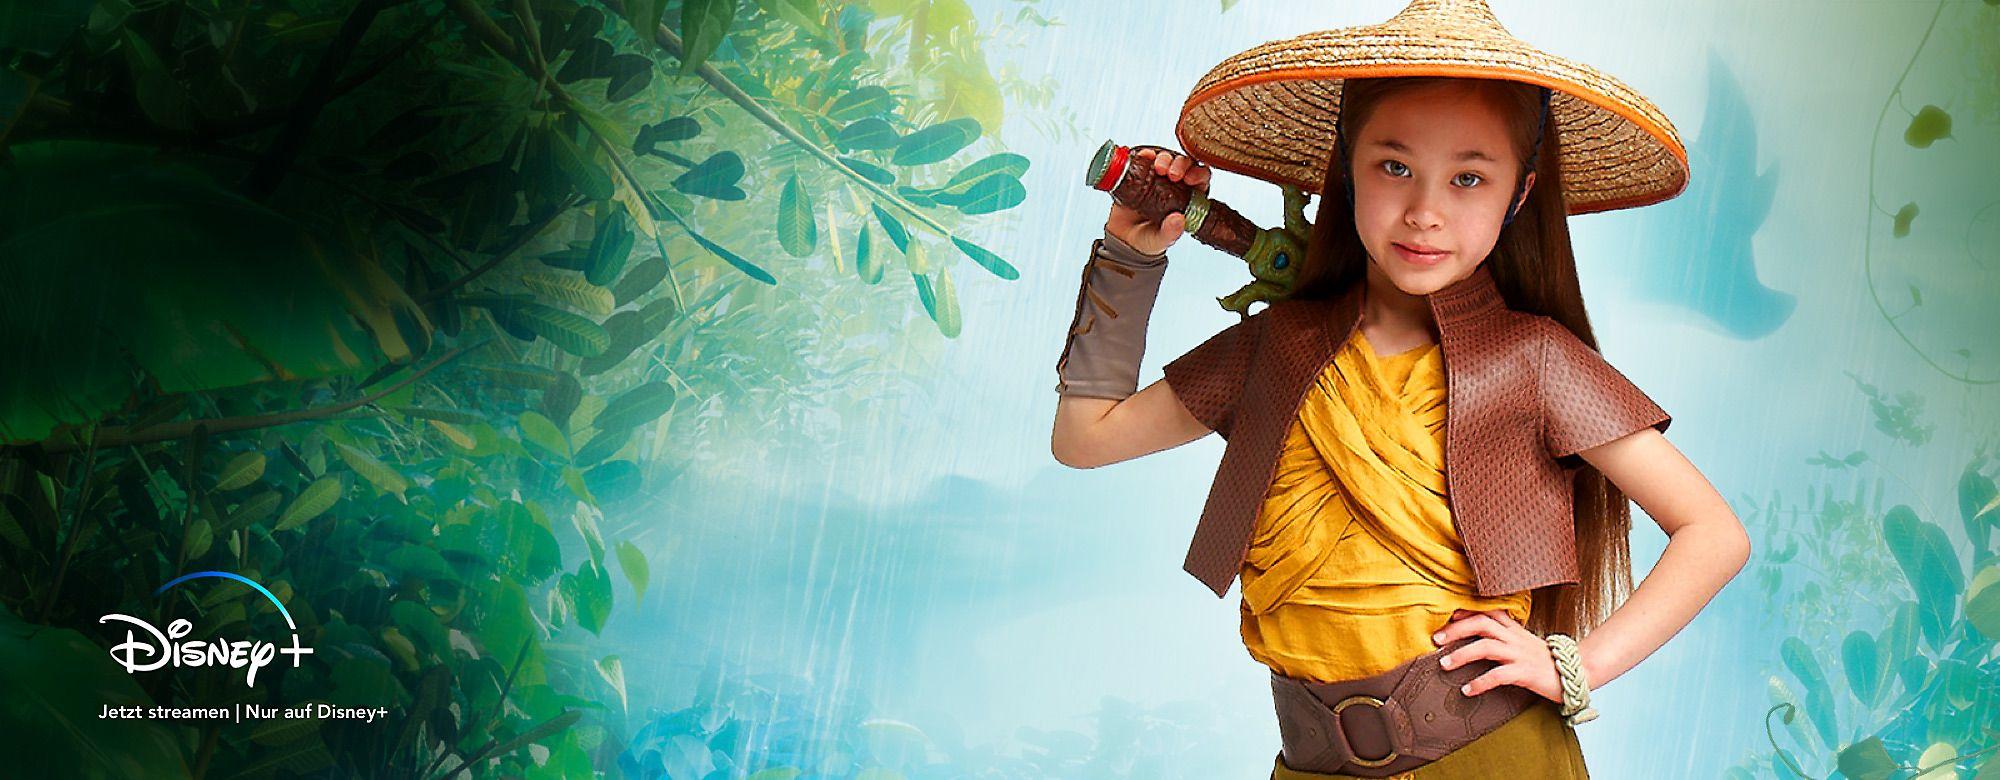 Raya und der letzte Drache Tauche mit unseren Spielzeugen, Bekleidungsstücken, Kostümen und vielem mehr in die magische Welt von Raya and the Last Dragon ein.